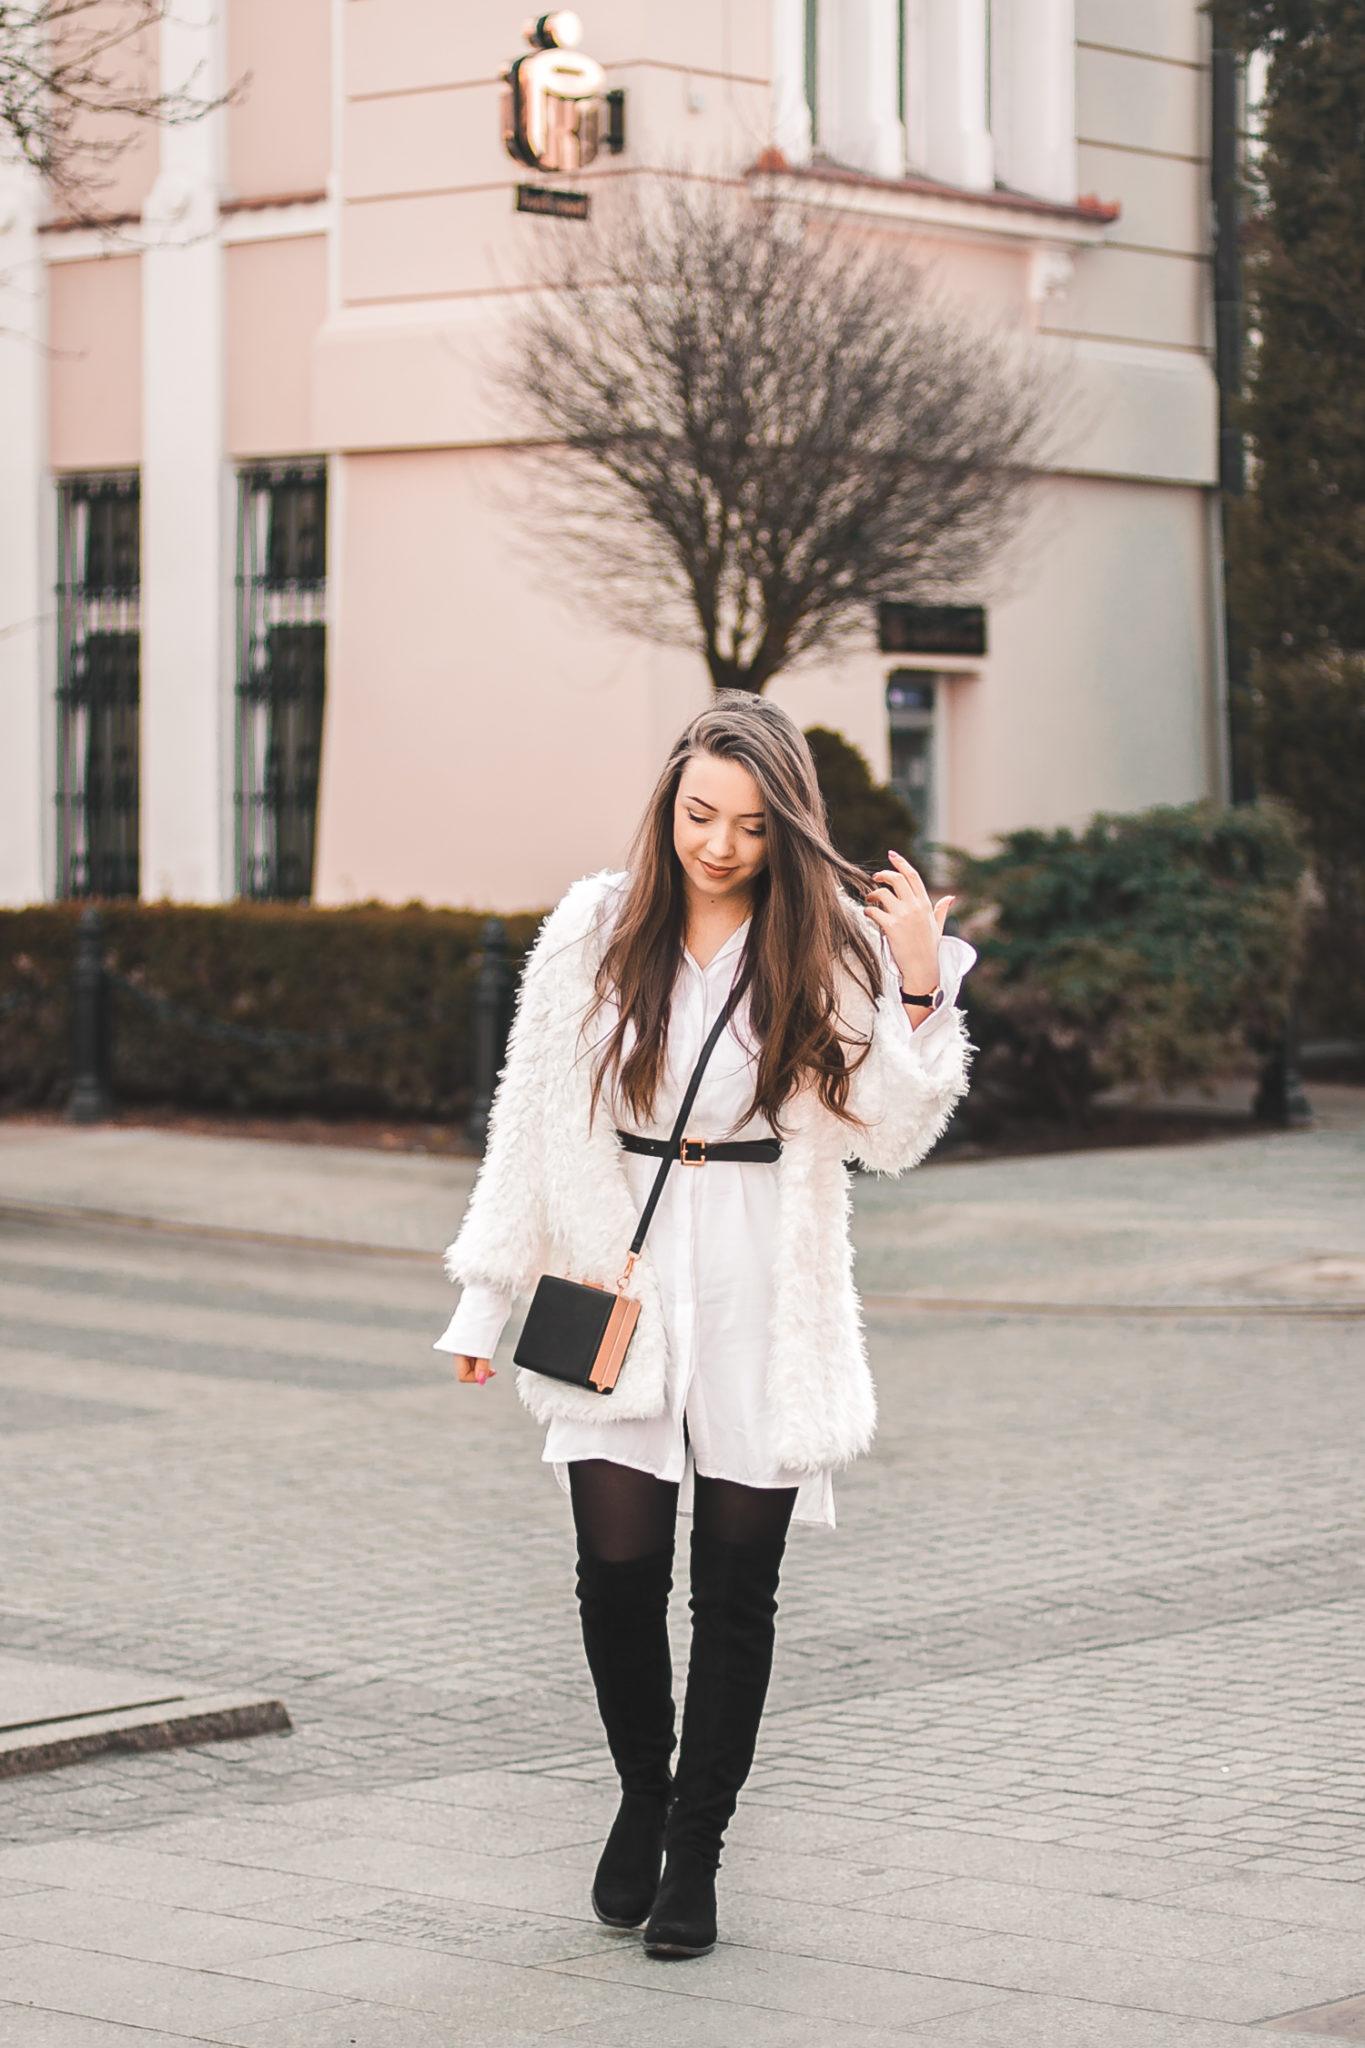 białe futro stylizacja z długimi kozakami za kolano